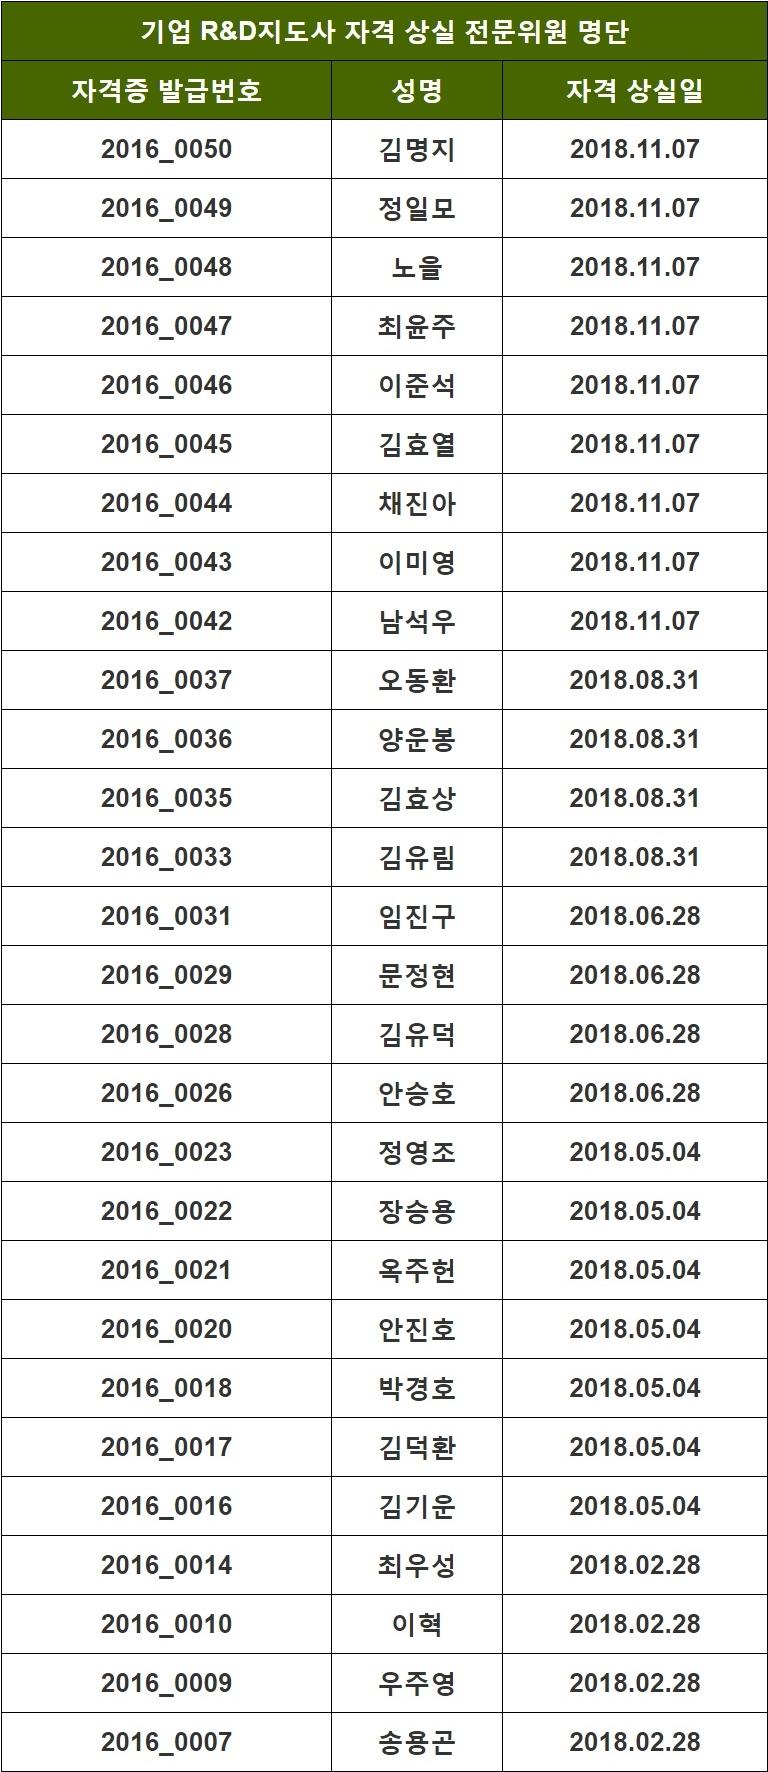 2018년도 지도사 자격 상실 위원 명단_05.26